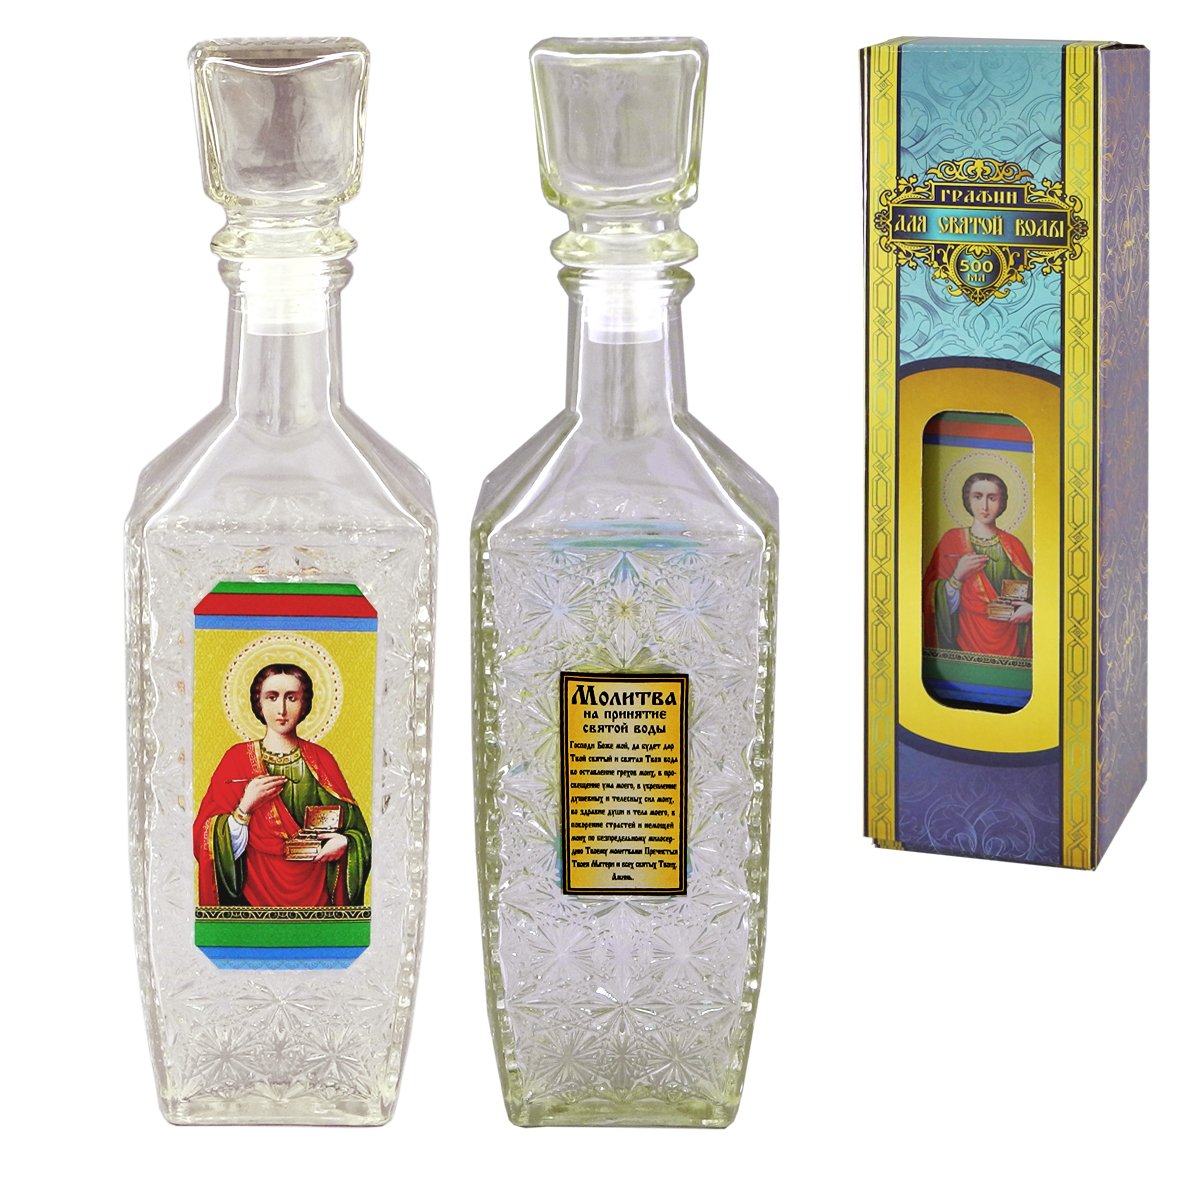 Сосуд для святой воды Пантелеимон целитель, 500 мл544-1536Сосуд для святой воды Kwestor Пантелеимон целитель изготовлен из стекла. На передней стенке сосуда изображен Пантелеимон целитель, на задней - молитва на принятие святой воды. Стенки сосуда имеют рельефную поверхность. Сосуд закрывается стеклянной пробкой.